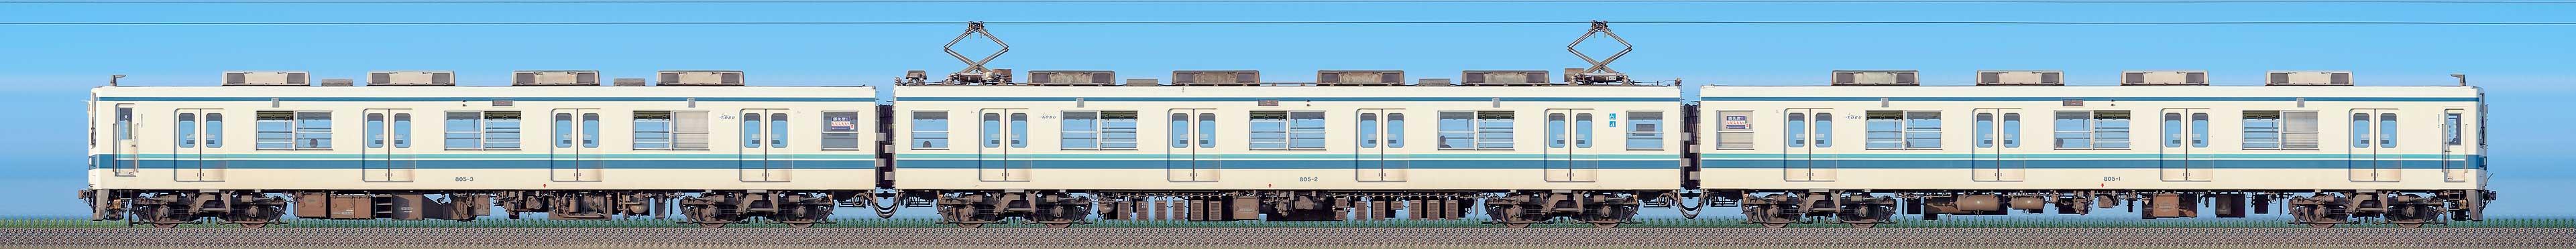 東武800型805編成(山側)の編成サイドビュー